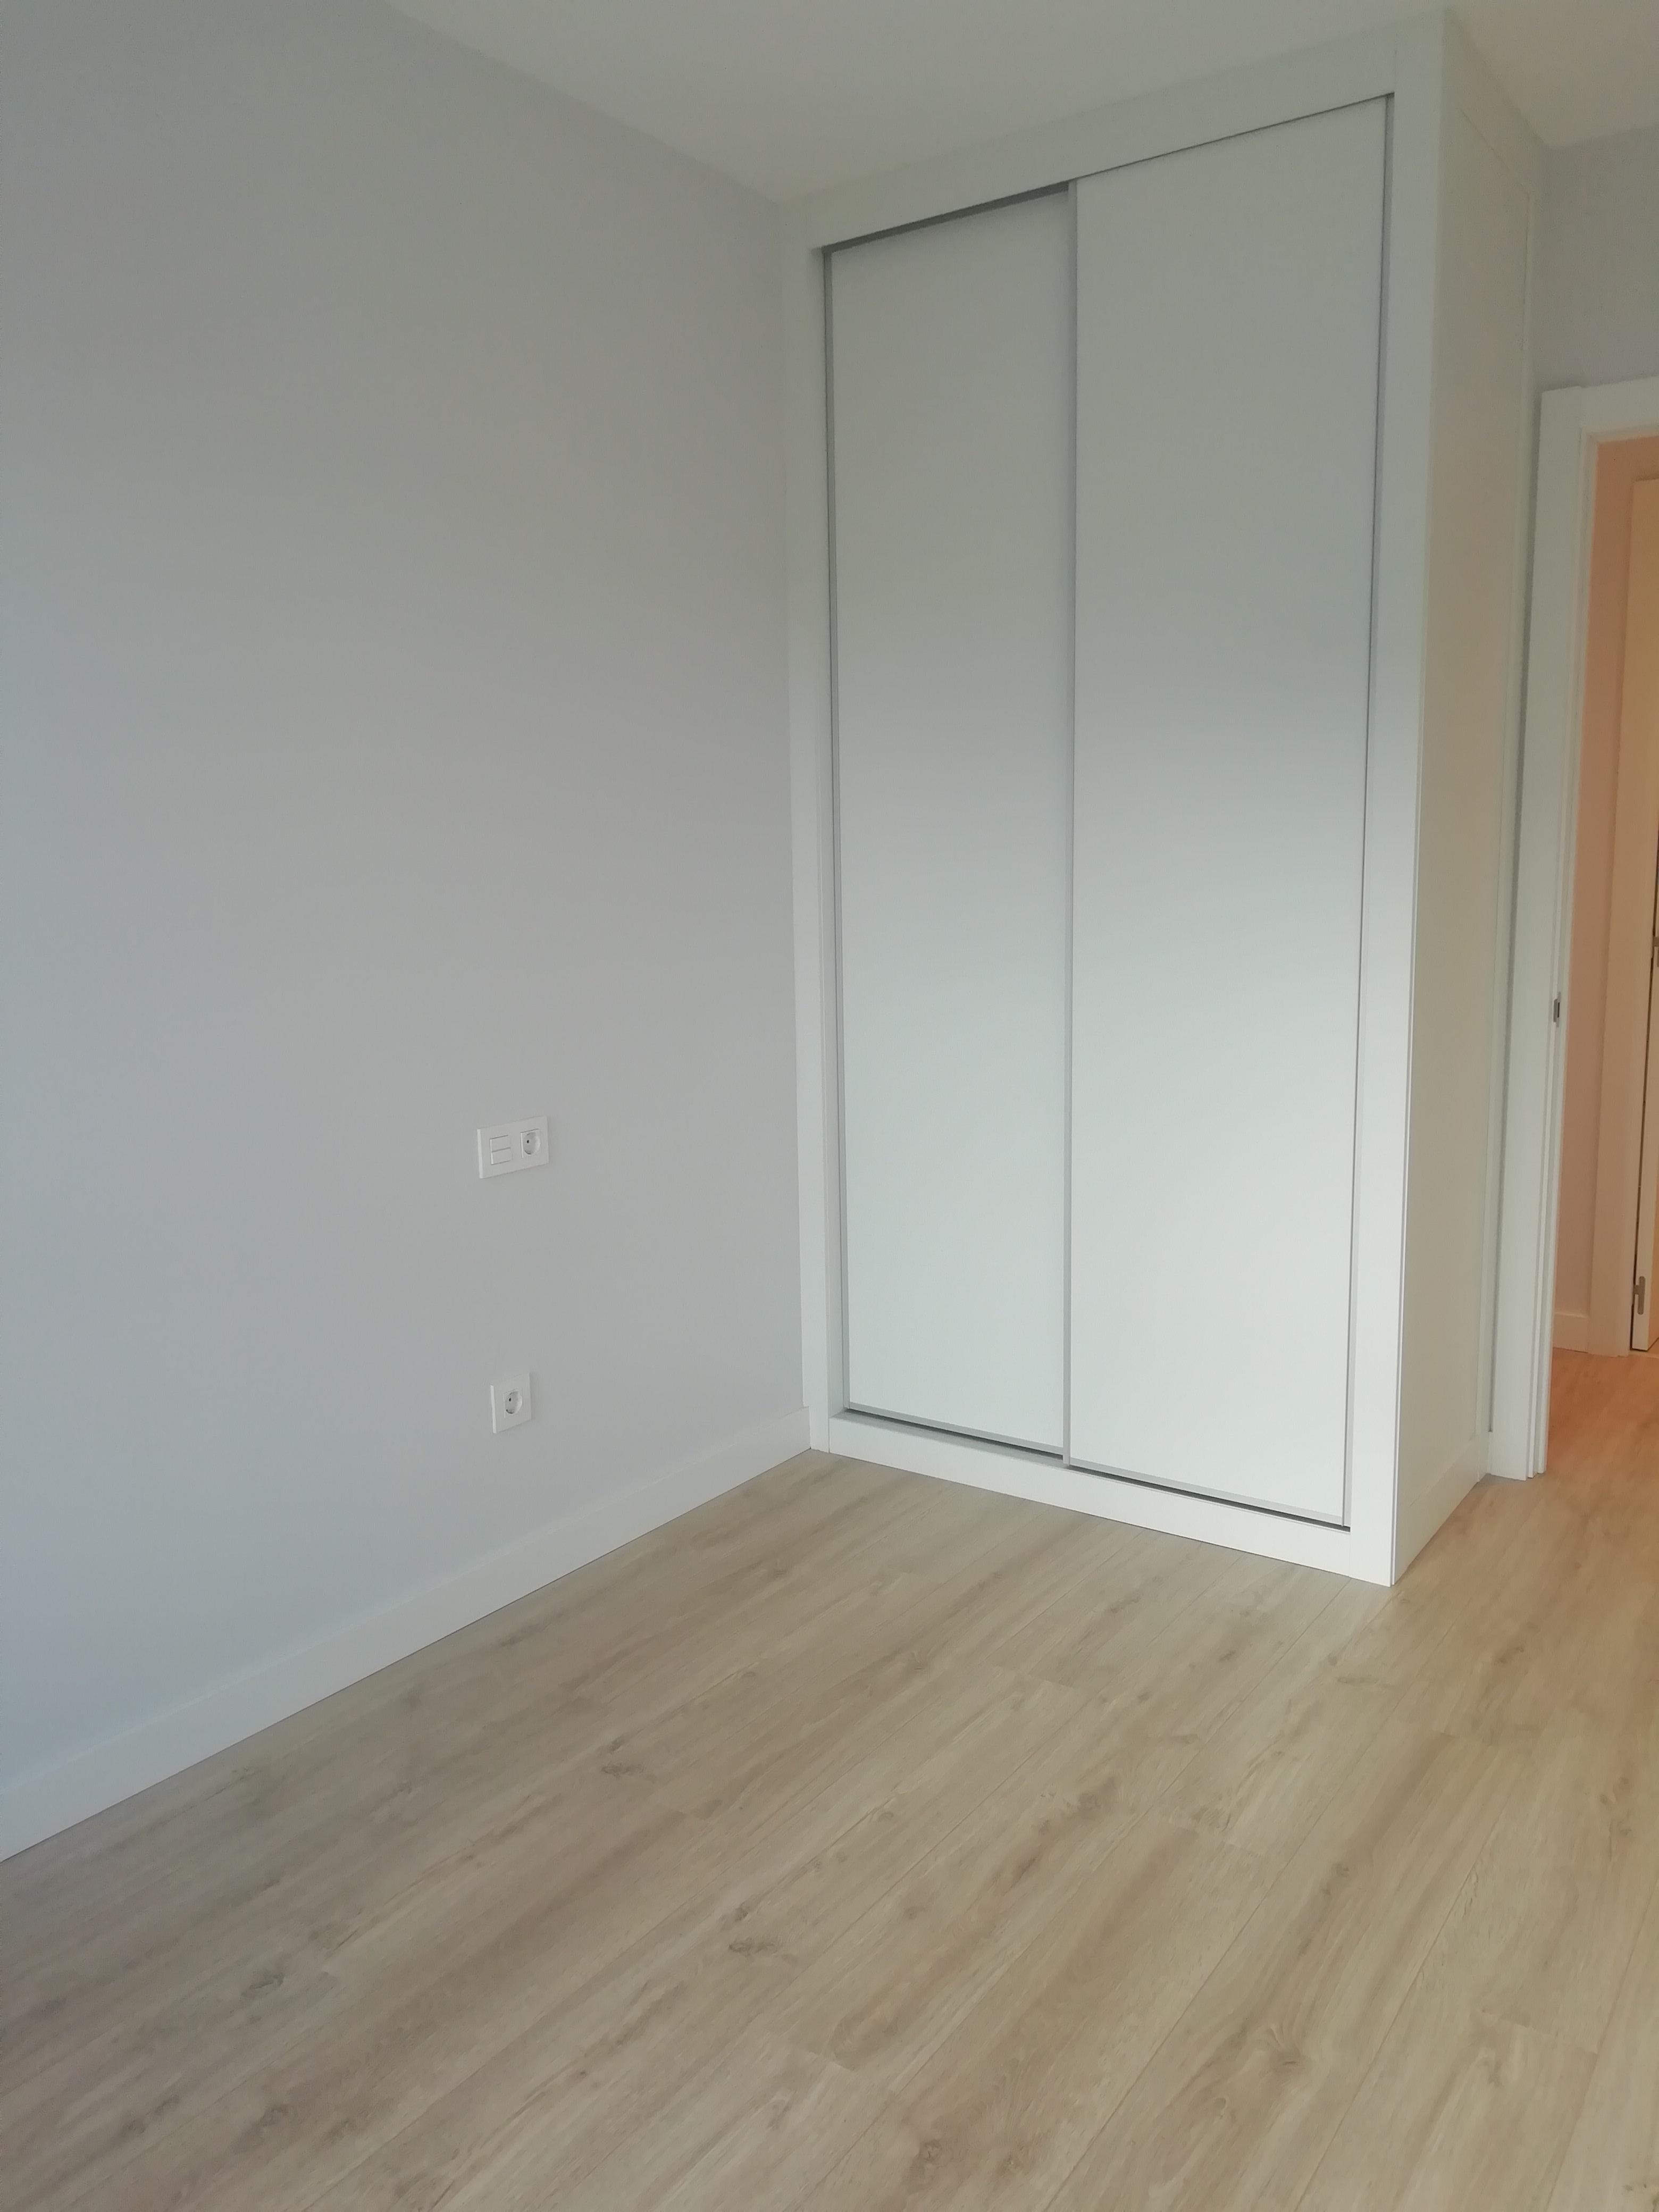 A Estrenar!! En el centro,apartamento de 1 habitacion,salon,cocina equipadisima y baño con ducha.Luminoso 5º planta con ascensor.Visitalo!!!!